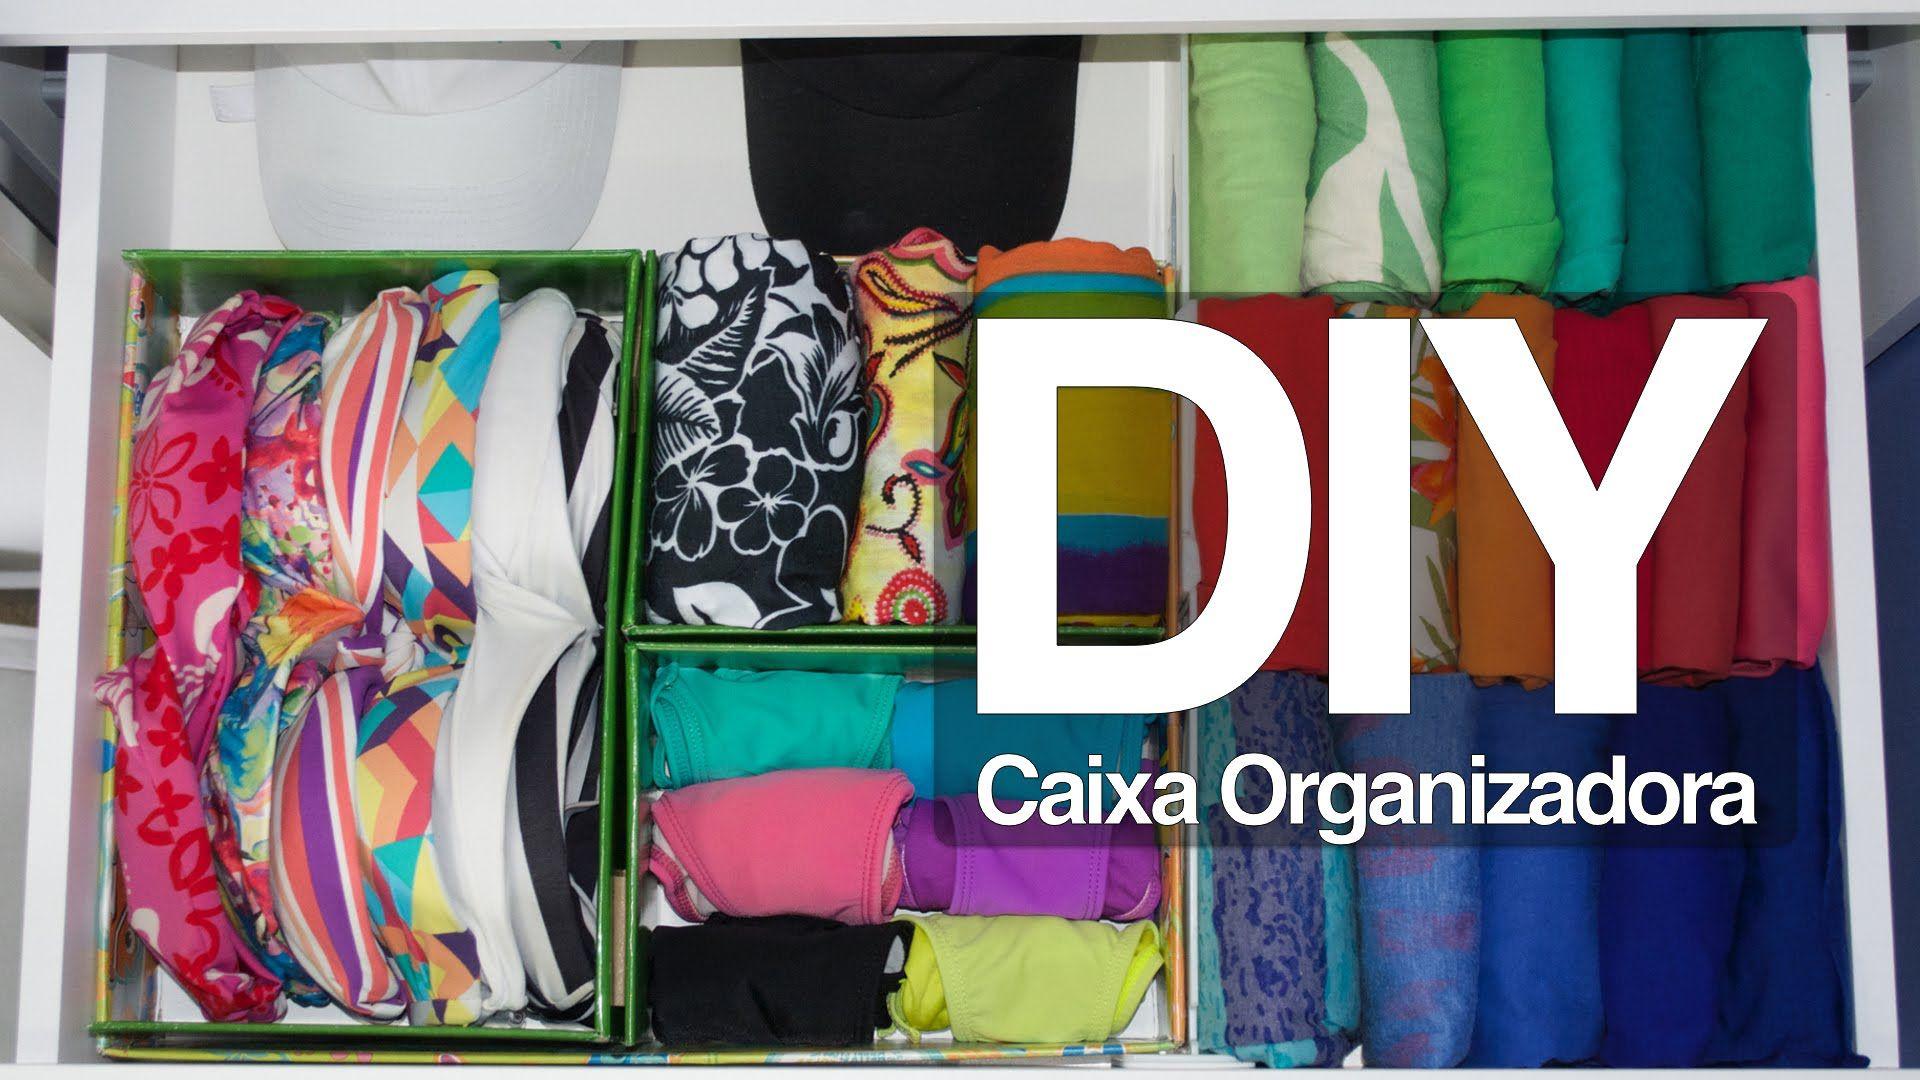 Com uma caixa de camisa, você consegue fazer um organizador para gavetas muito fácil! Veja mais em http://www.tuorganizas.com/2015/03/diy-caixa-divisoria-par...